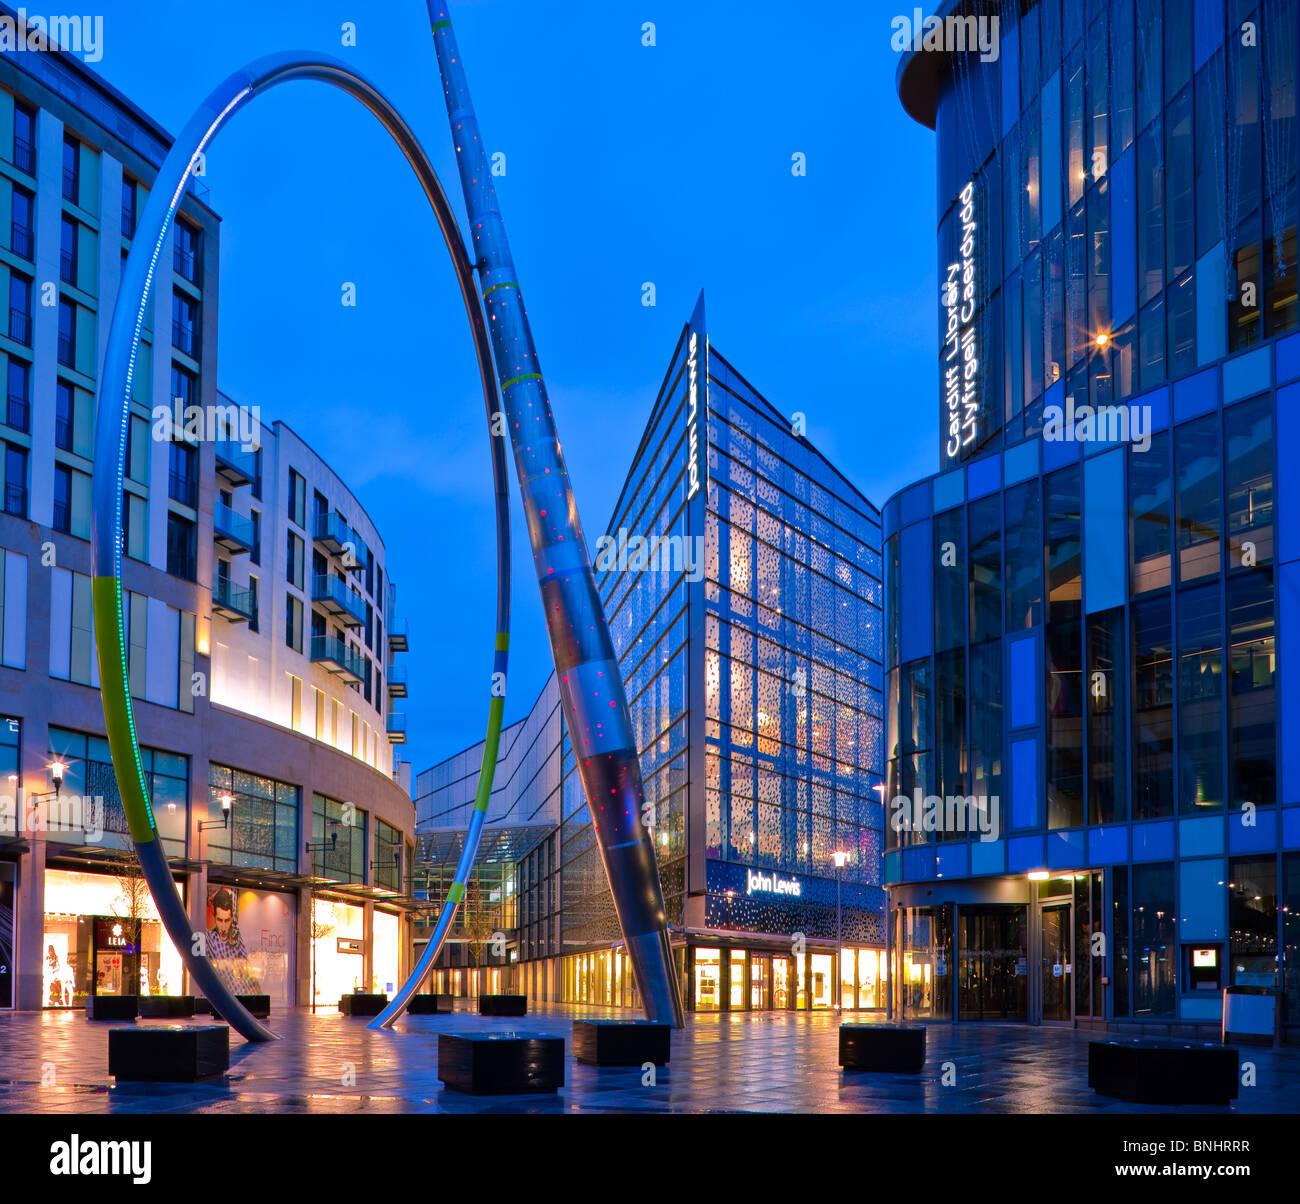 John Lewis Store Shopping Centre et bibliothèque centrale de galles Cardiff au crépuscule Photo Stock